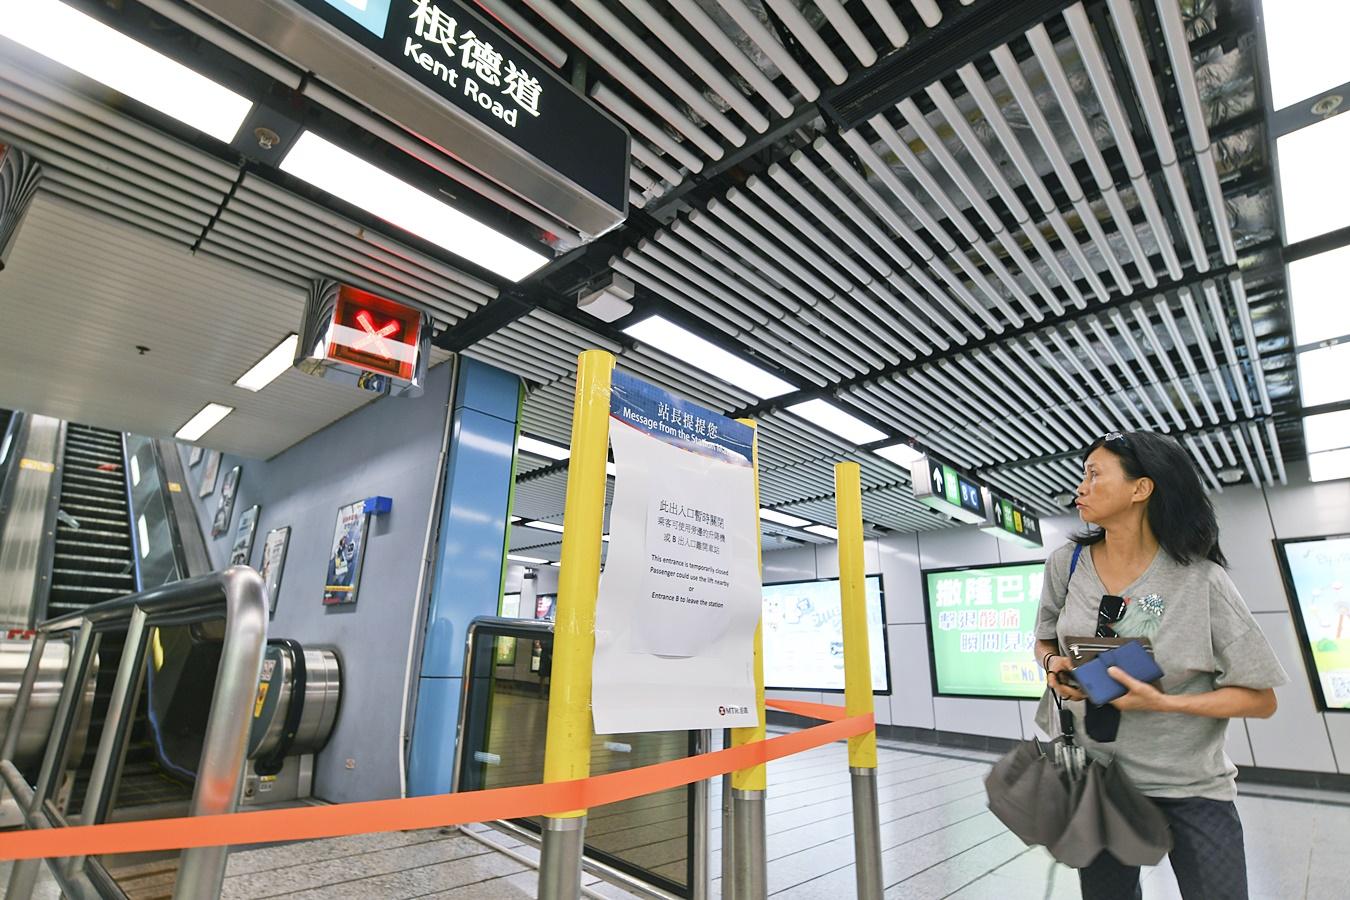 反修例風波下,港鐵多站不時要關閉。資料圖片